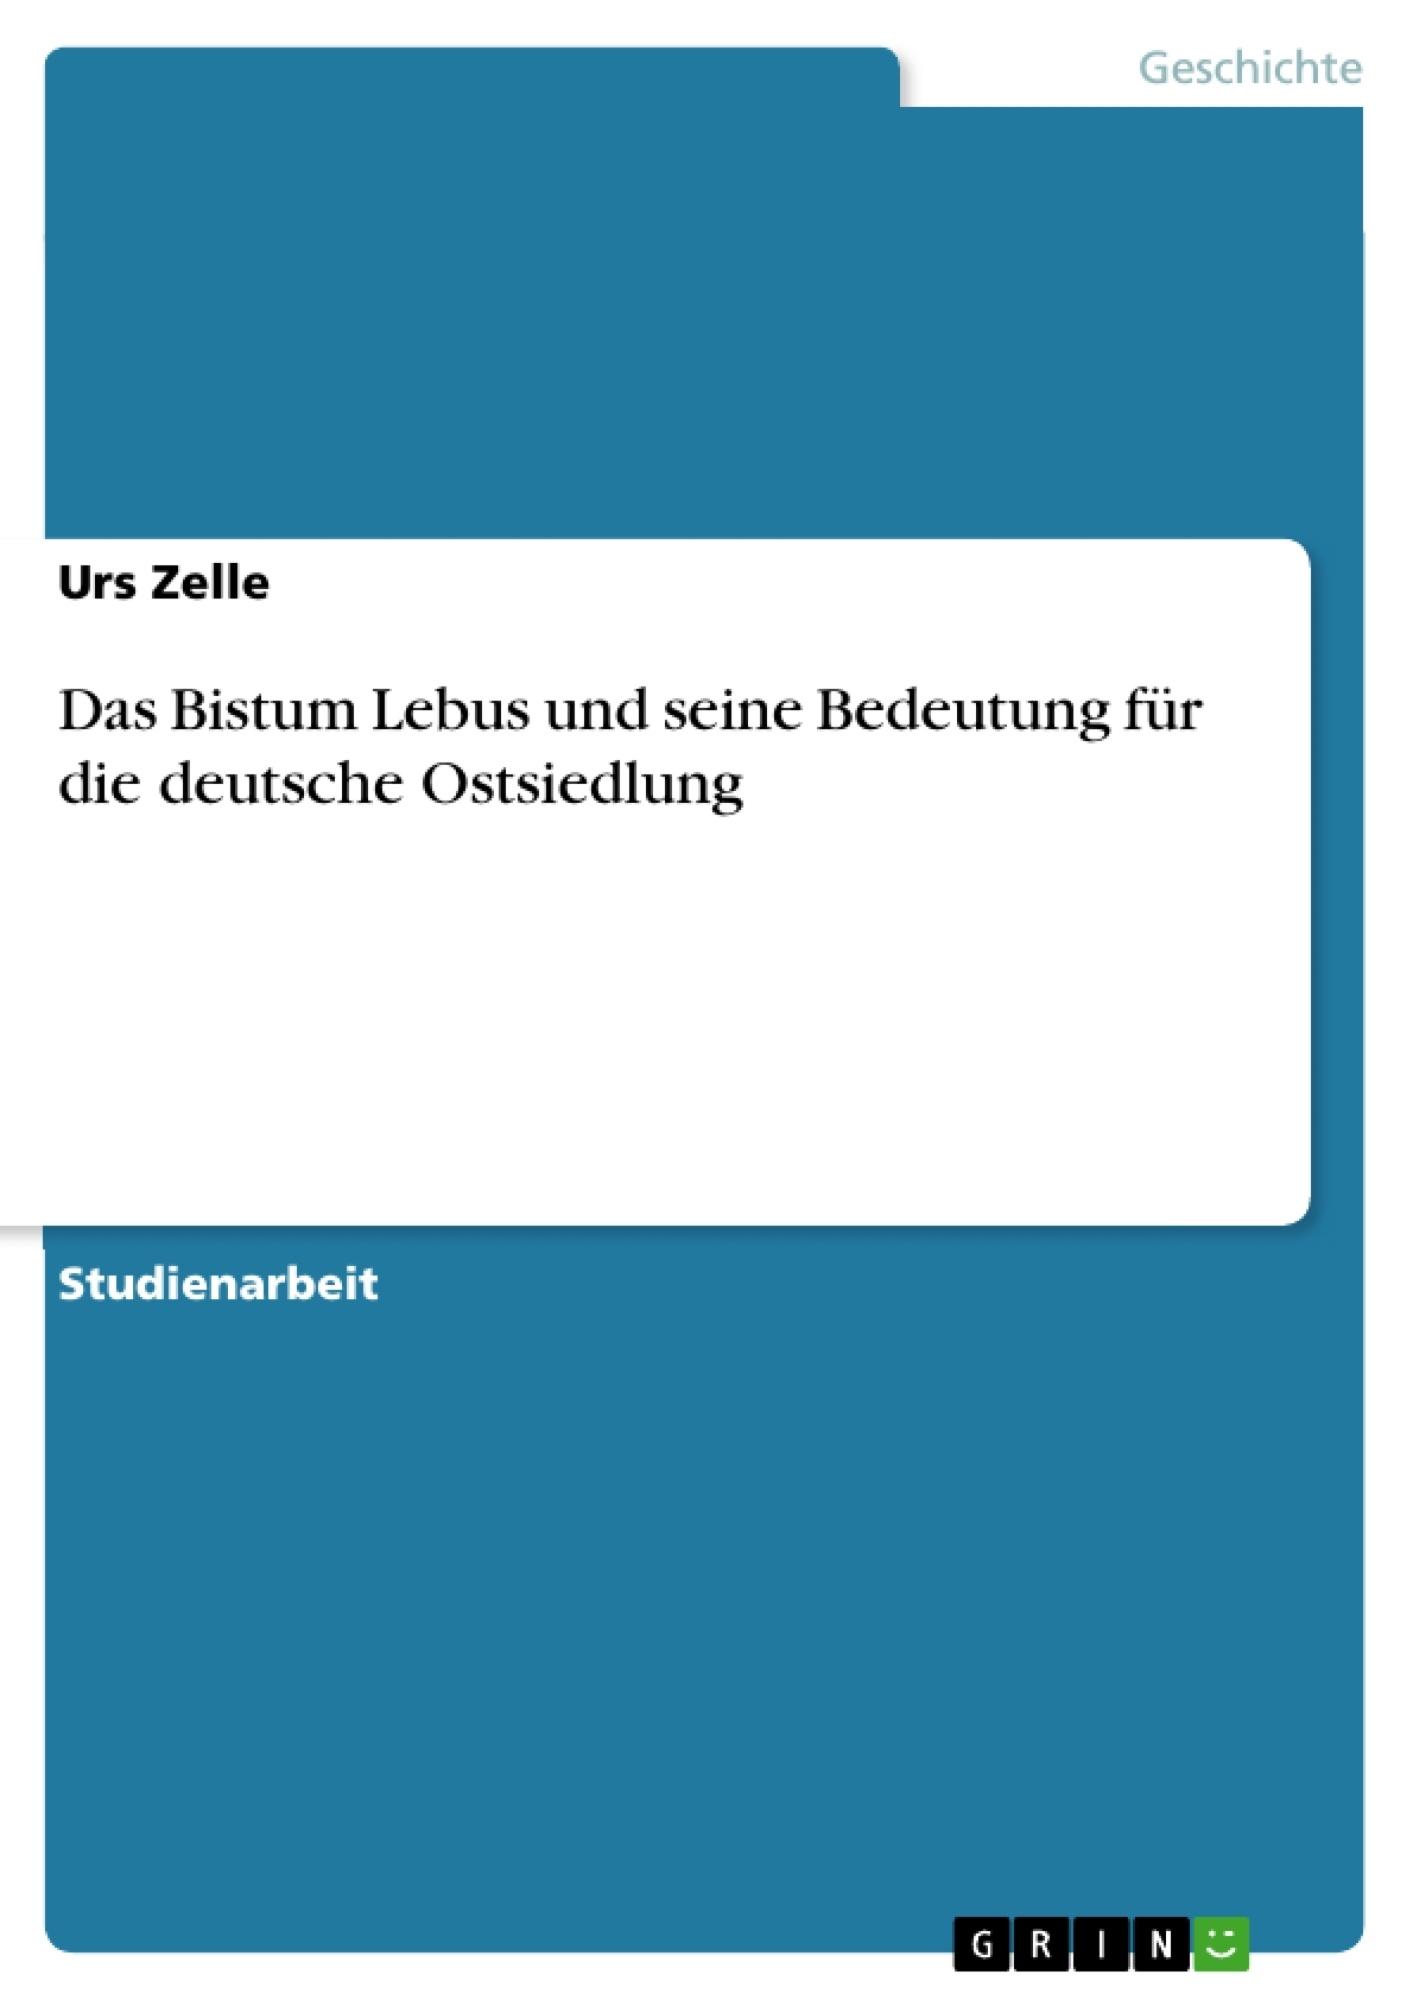 Titel: Das Bistum Lebus und seine Bedeutung für die deutsche Ostsiedlung